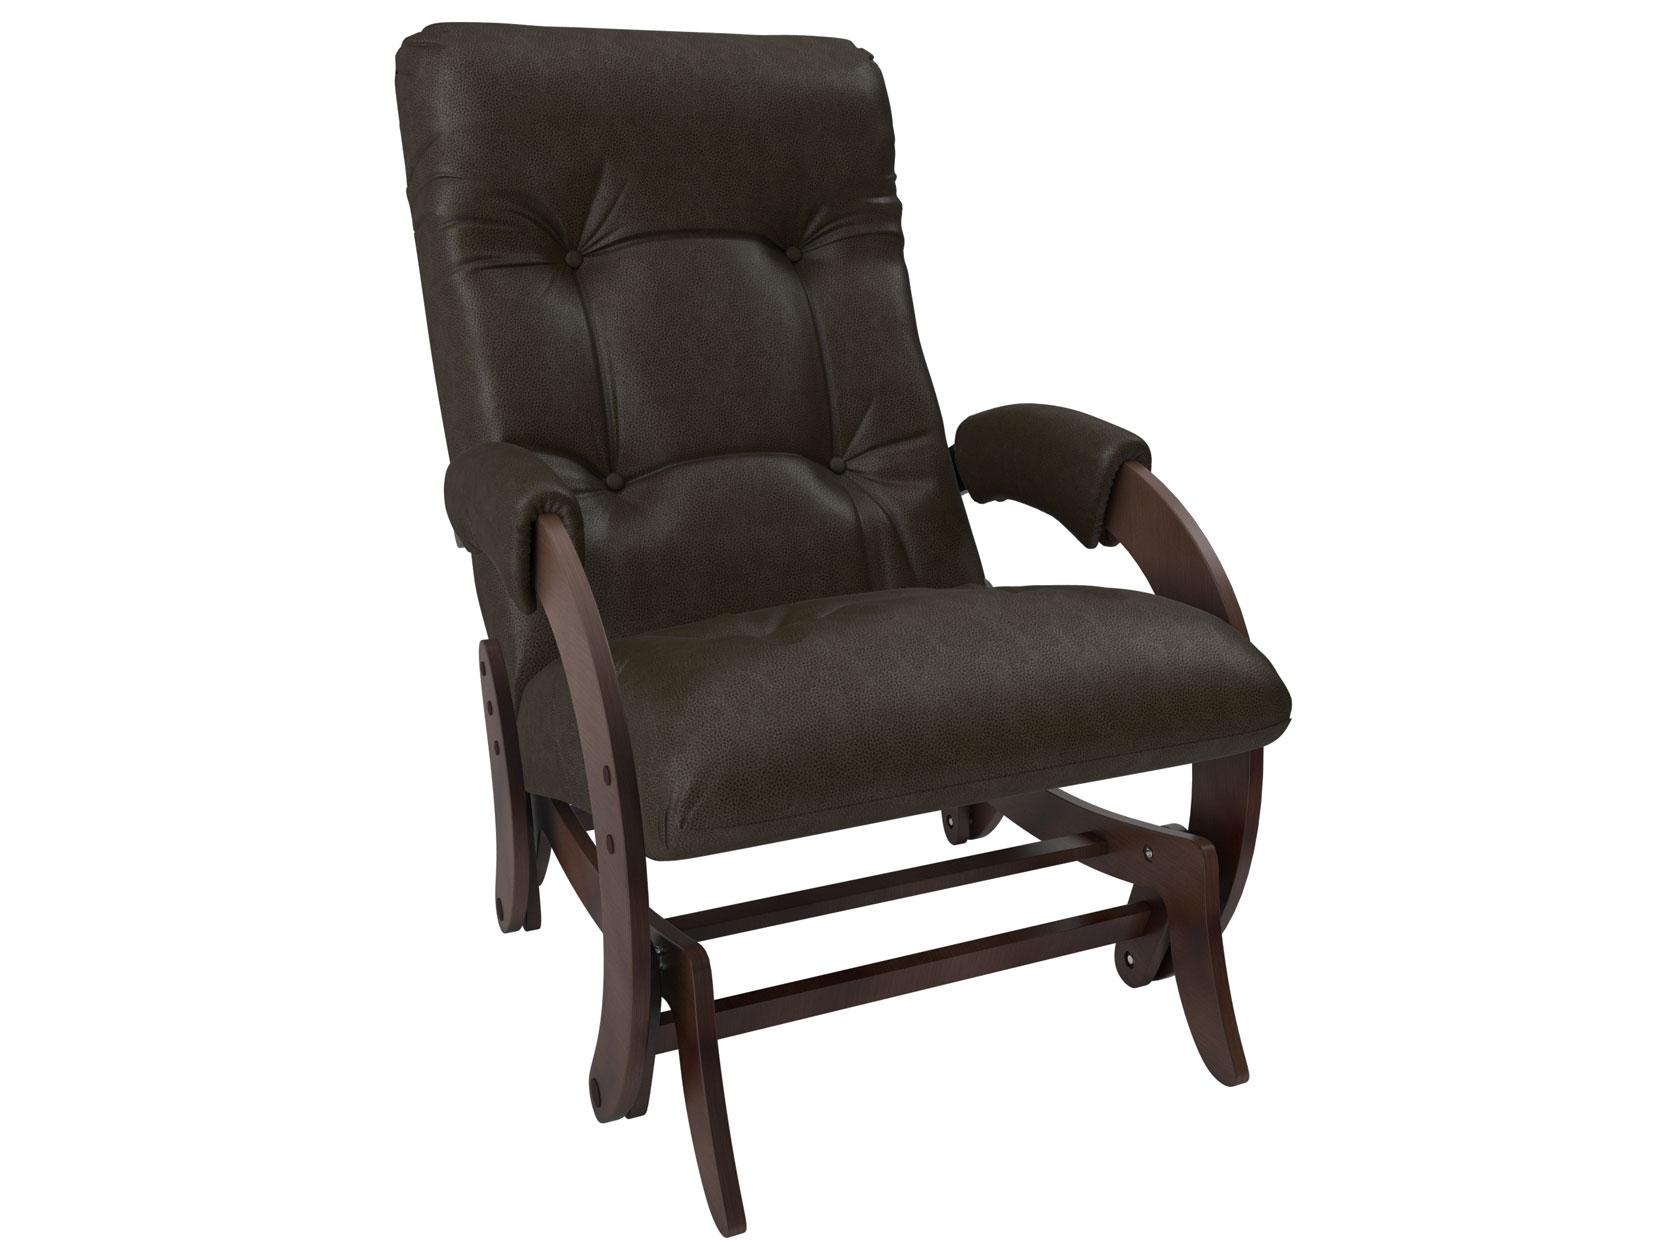 Кресло-глайдер 150-100259